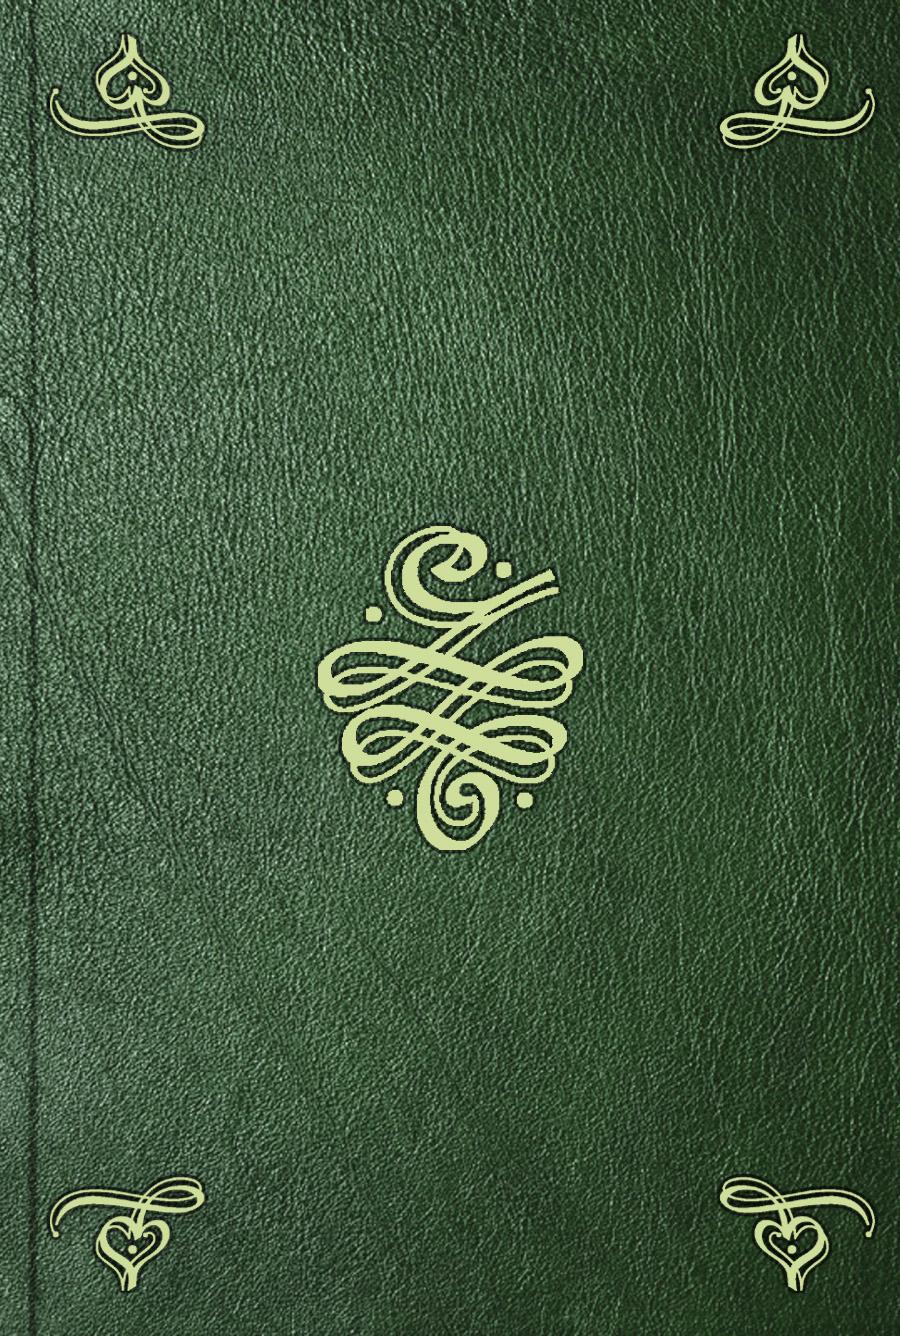 Anne d'Orbessan Mélanges historiques, critiques, de physique, de littérature et de poésie. T. 2 беспроводное зарядное устройство devia aurora ultra slim wireless black